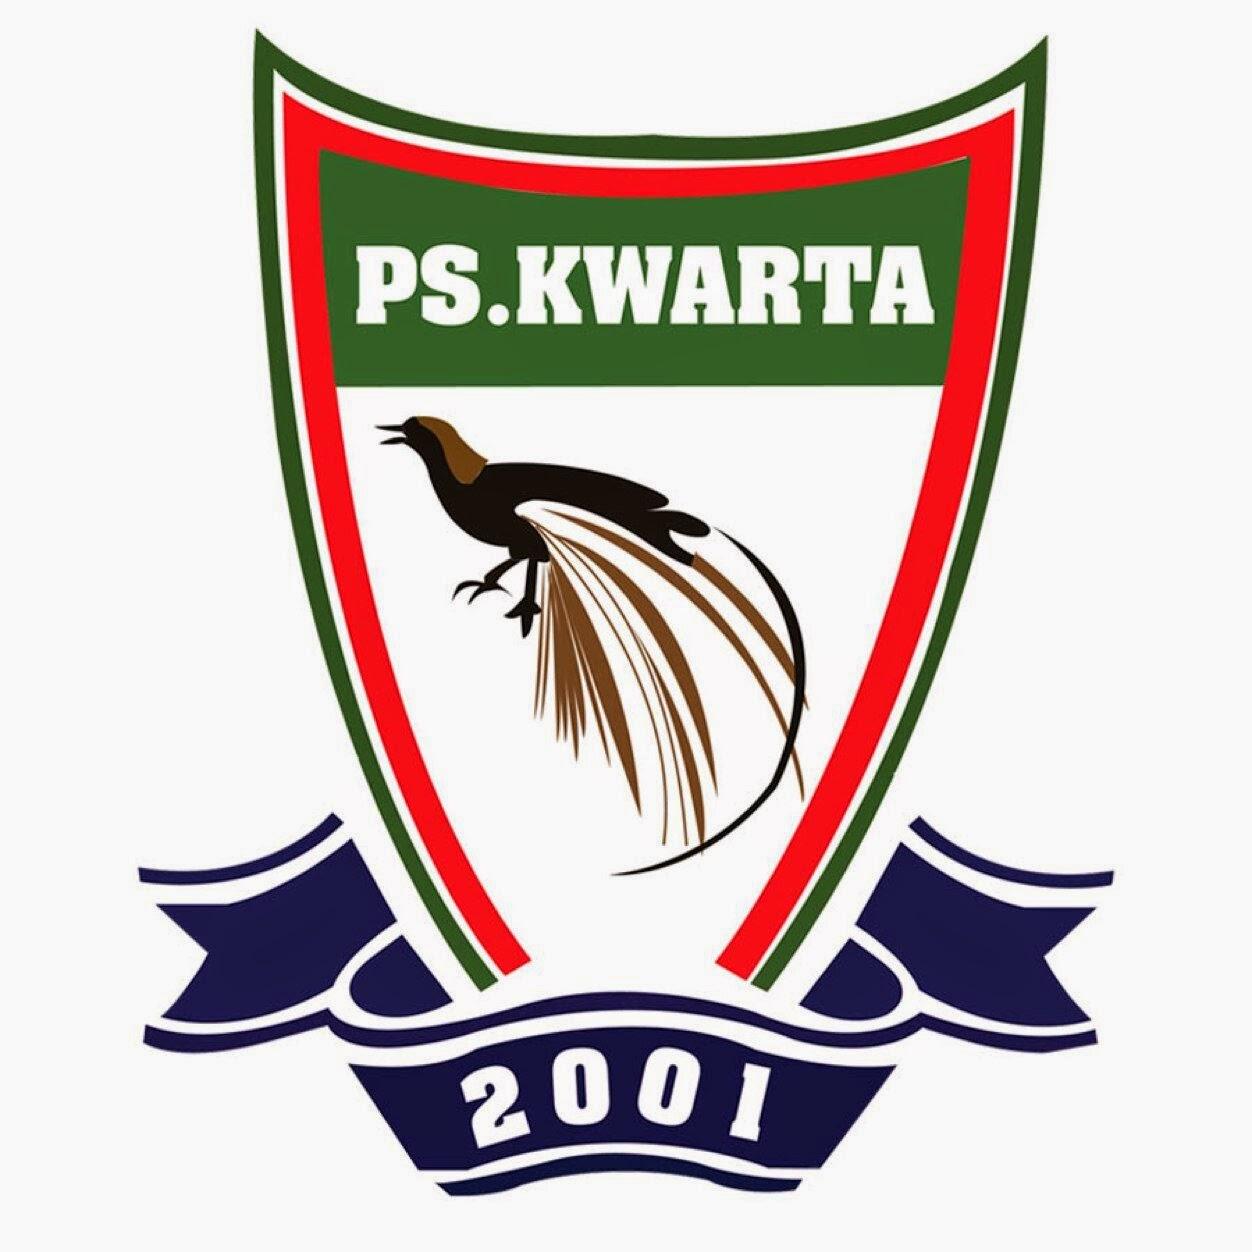 PS Kwarta Siap kembali ke Divisi Utama